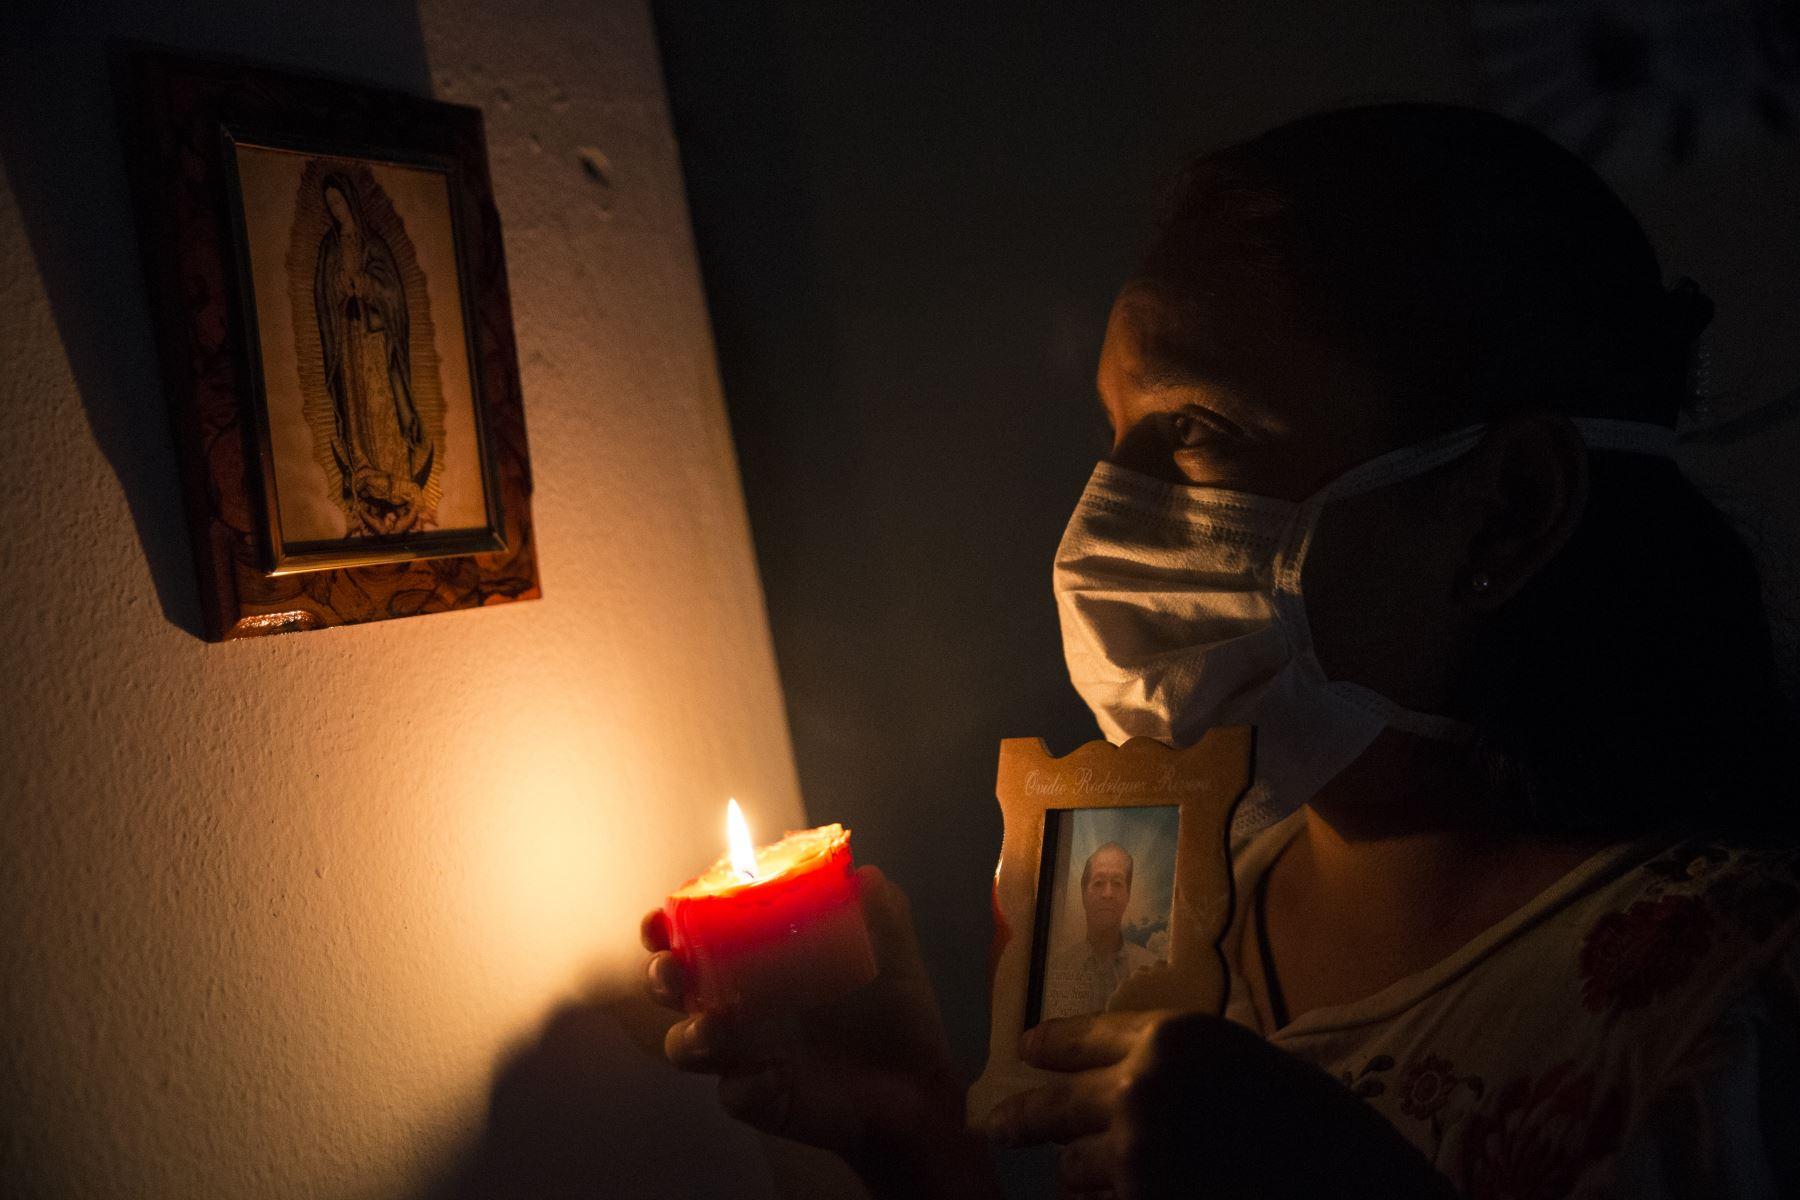 Experto aconseja dejar salir las emociones y buscar otros ritos de despedida que se adapten a la pandemia. Foto:ANDINA/Jhonel Rodríguez Robles